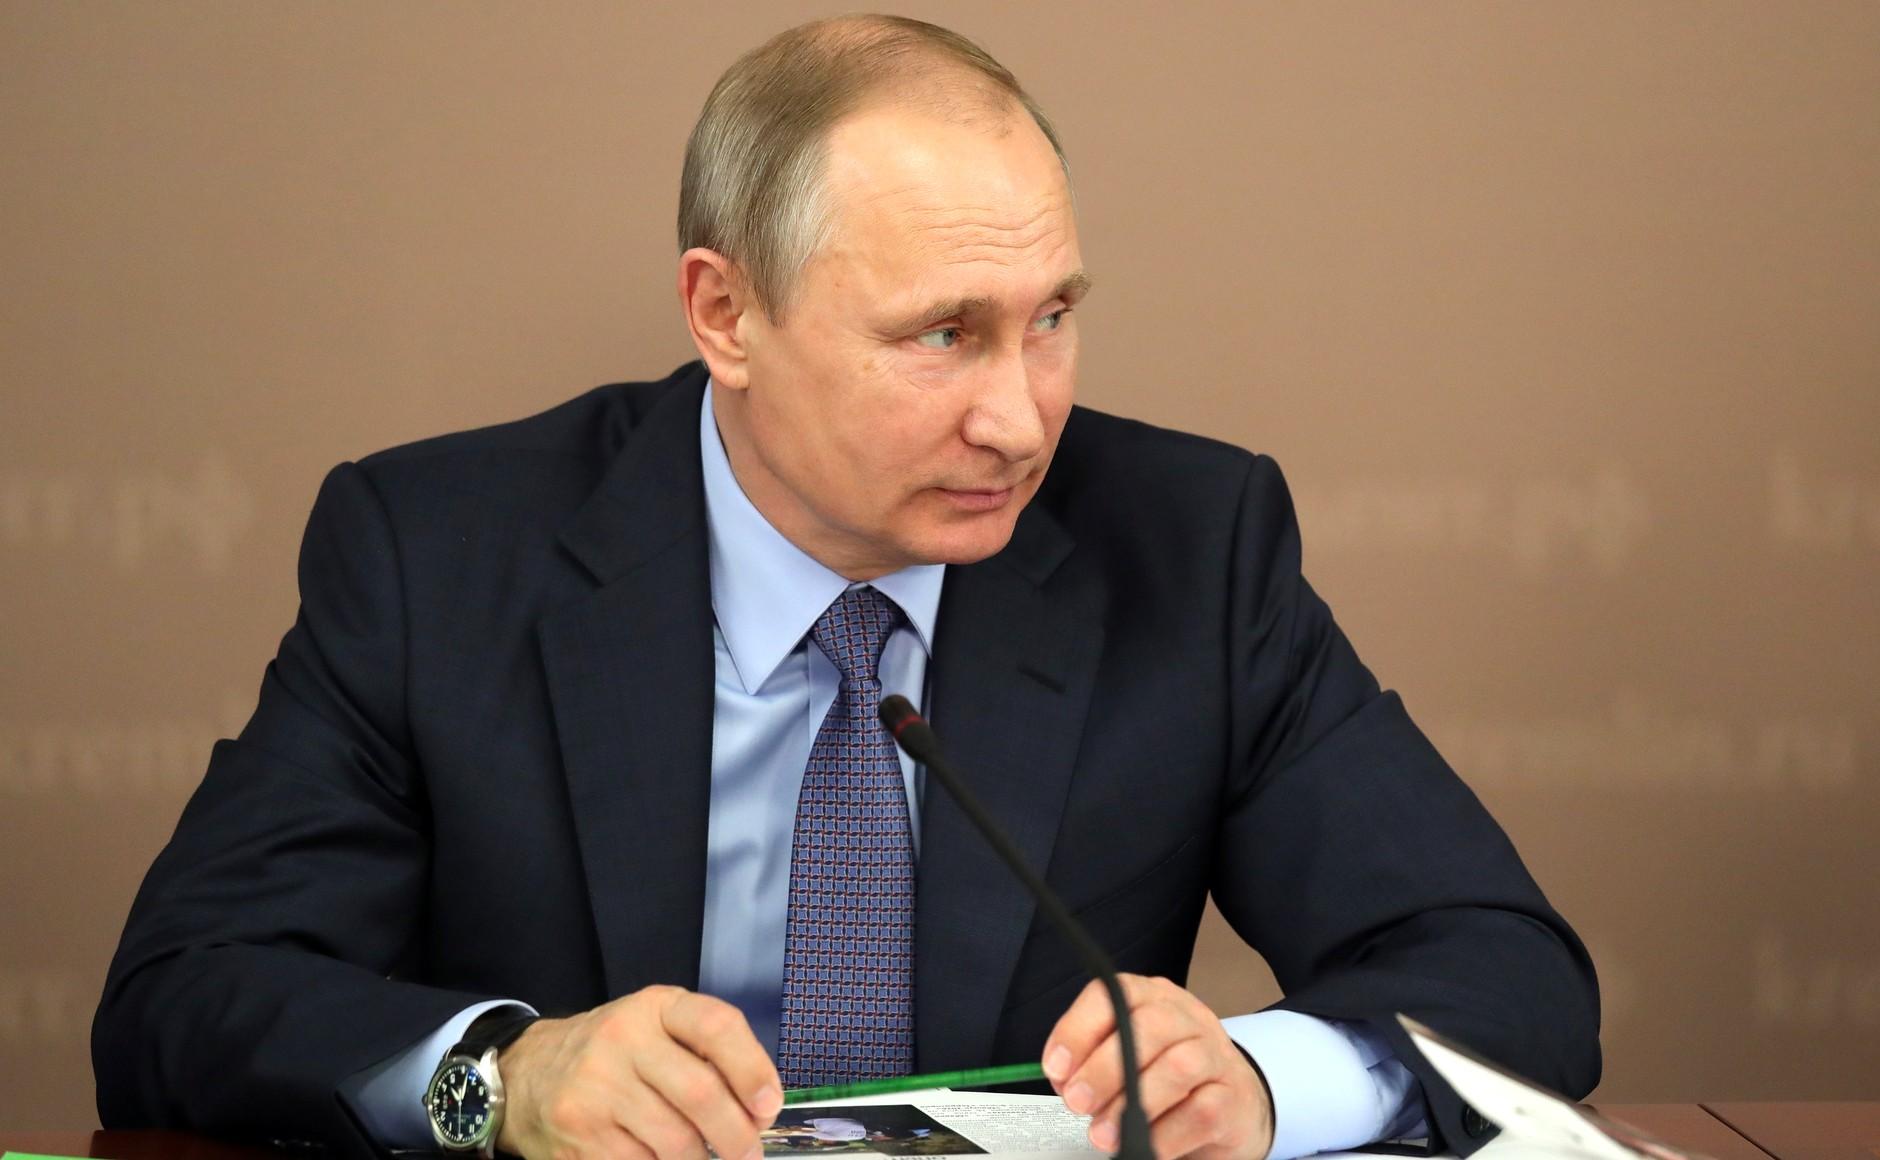 Президент России Владимир Путин призвал к регуляции цен на жилье